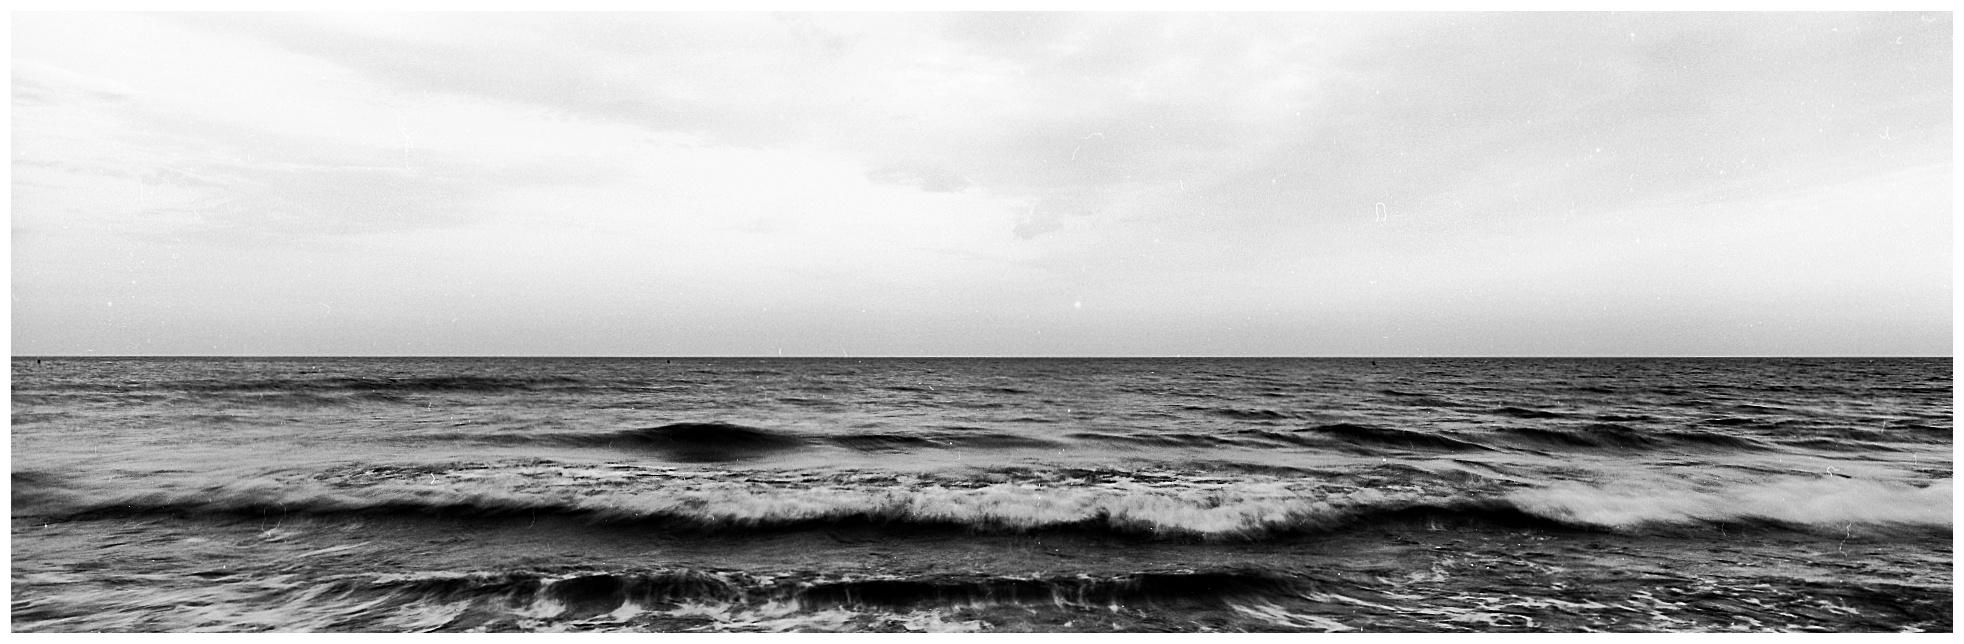 06.2018_G617_003_Snapseed.jpg